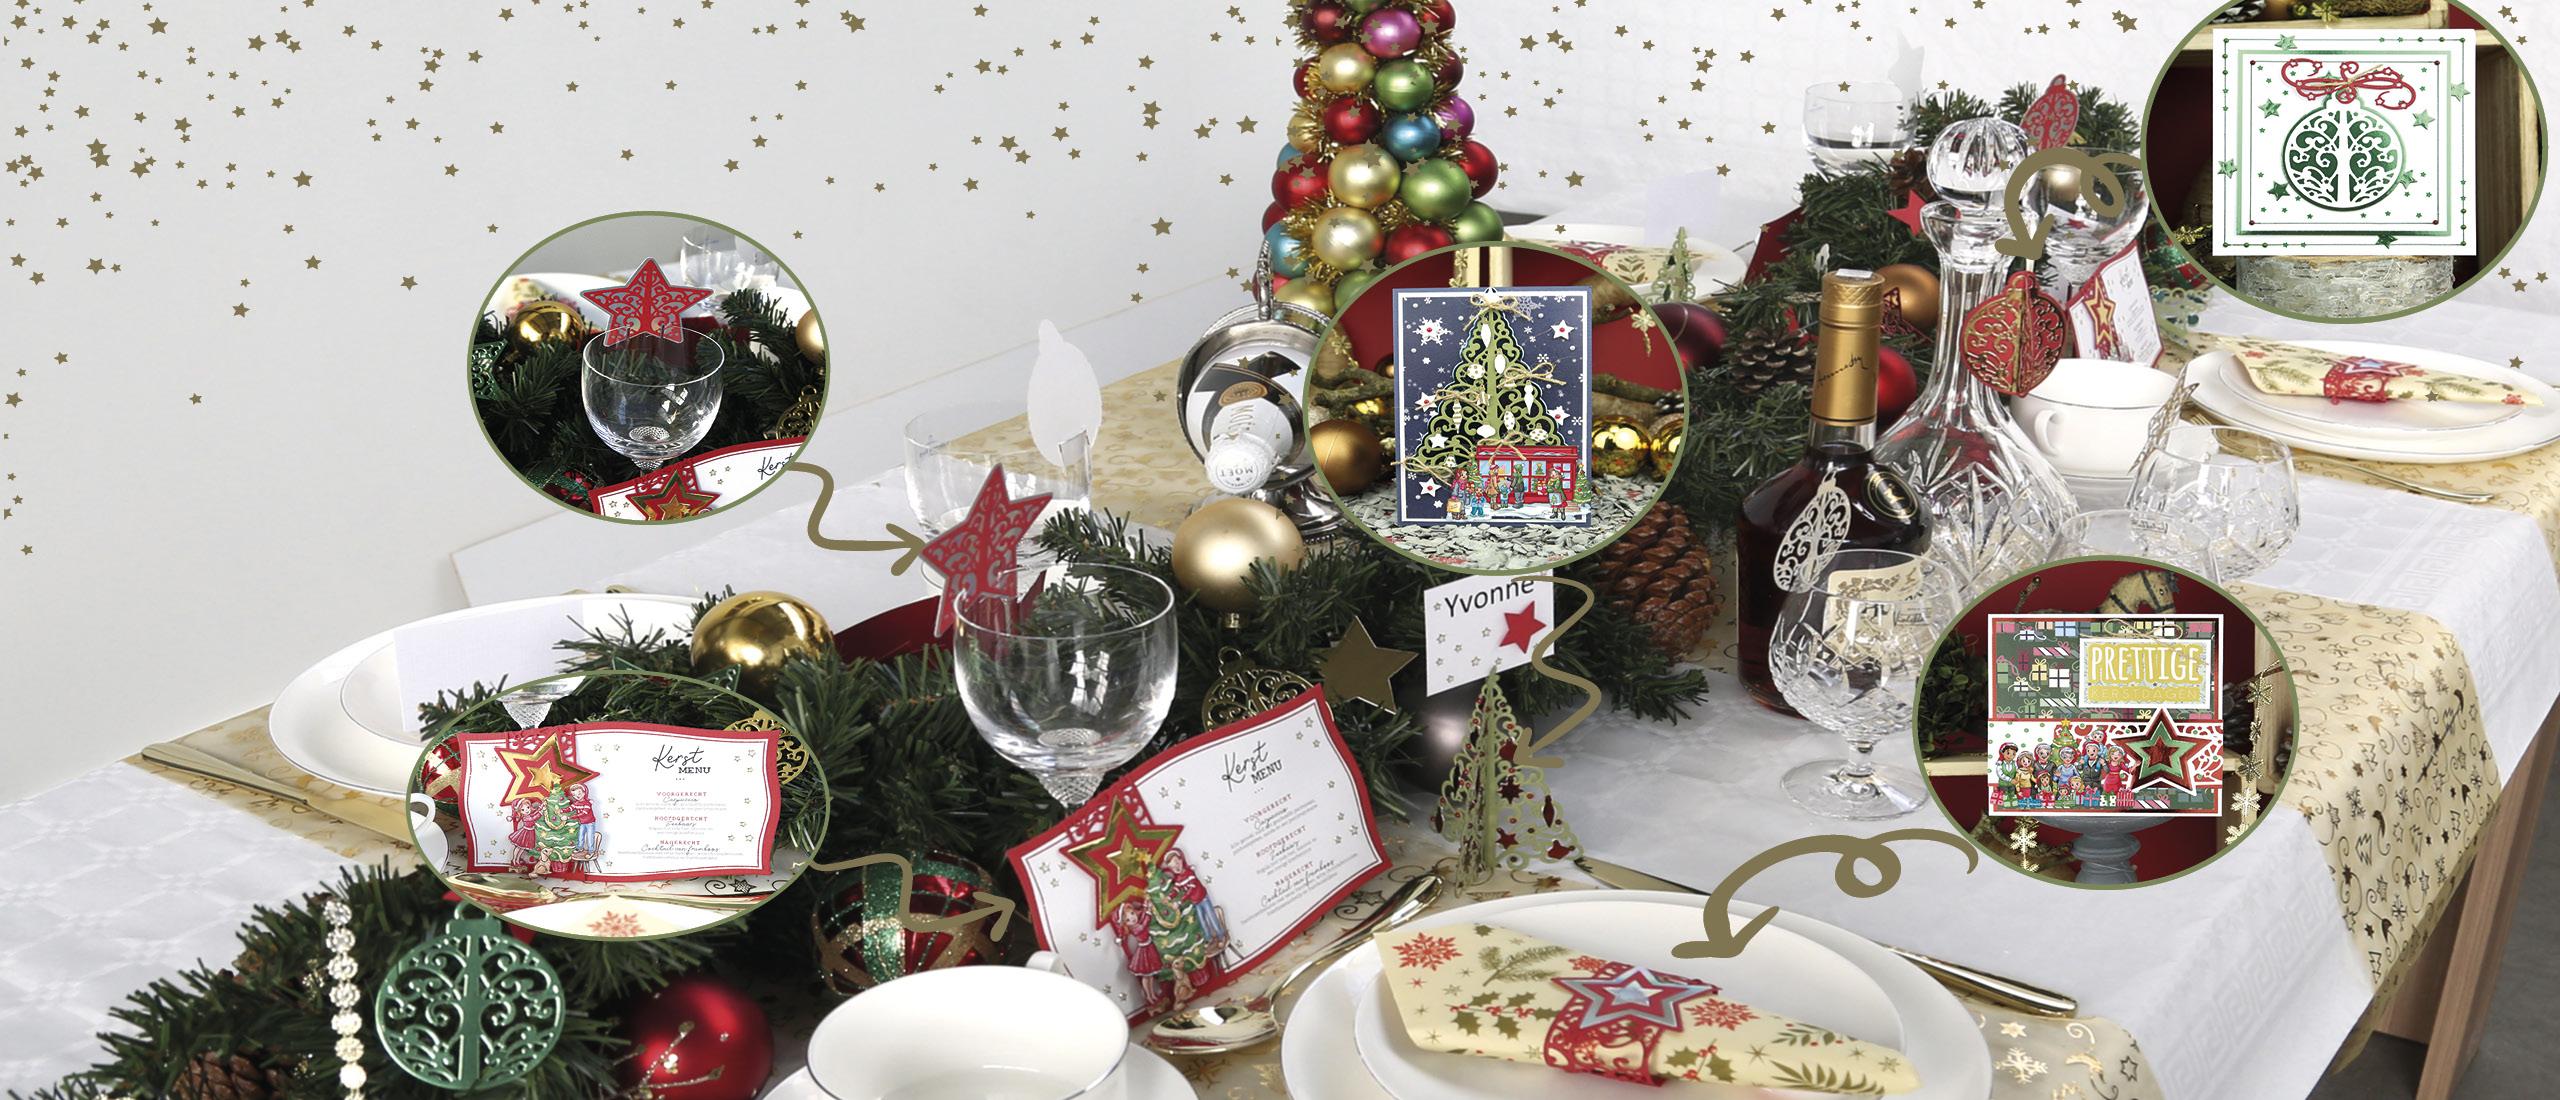 🏆🎁🎄 Winactie bij The Heart of Christmas van Yvonne Creations